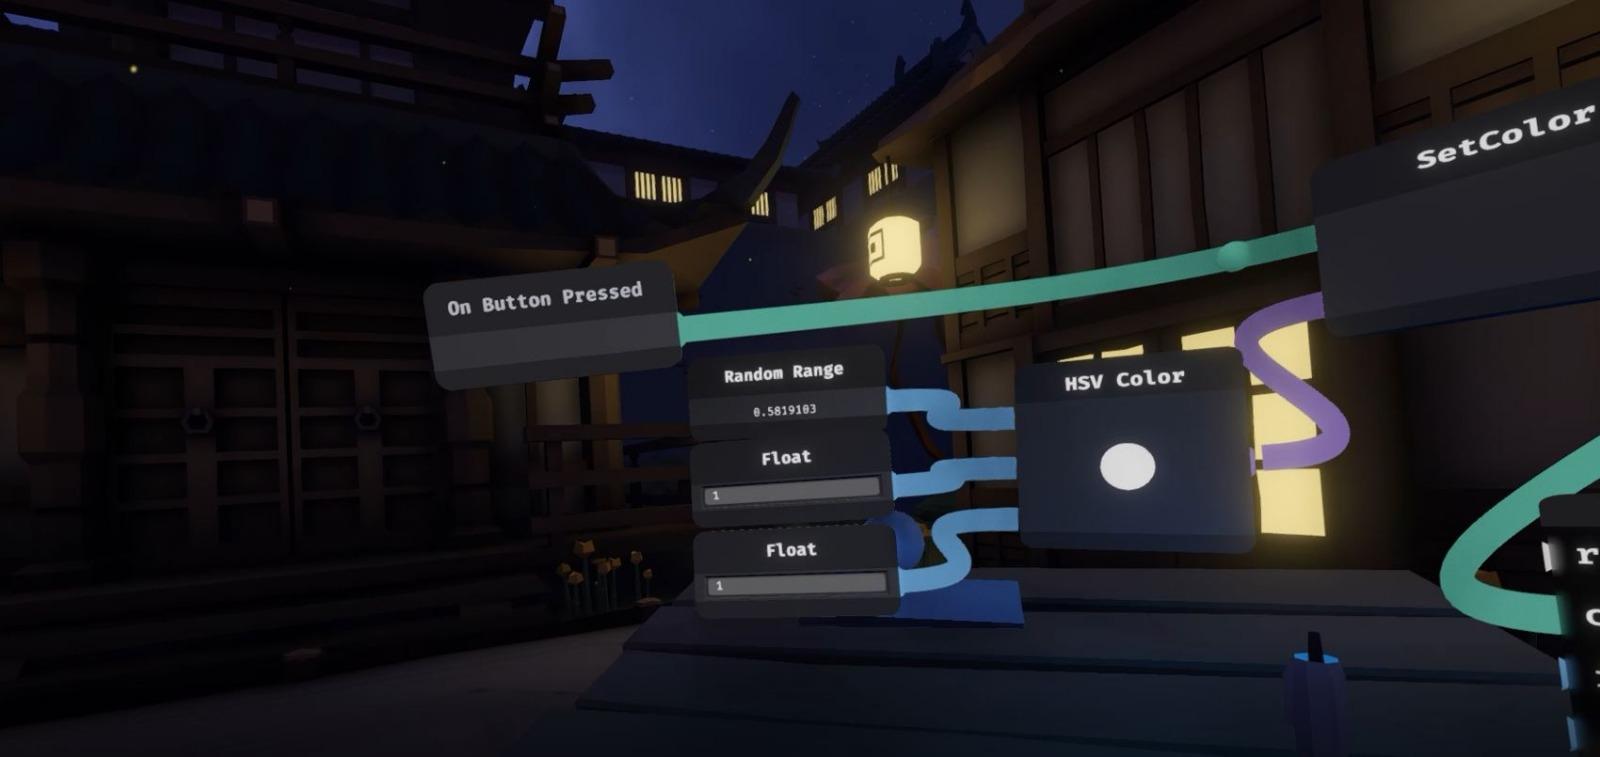 Eine Funktion, die die Farbe eines Objektes ändert.